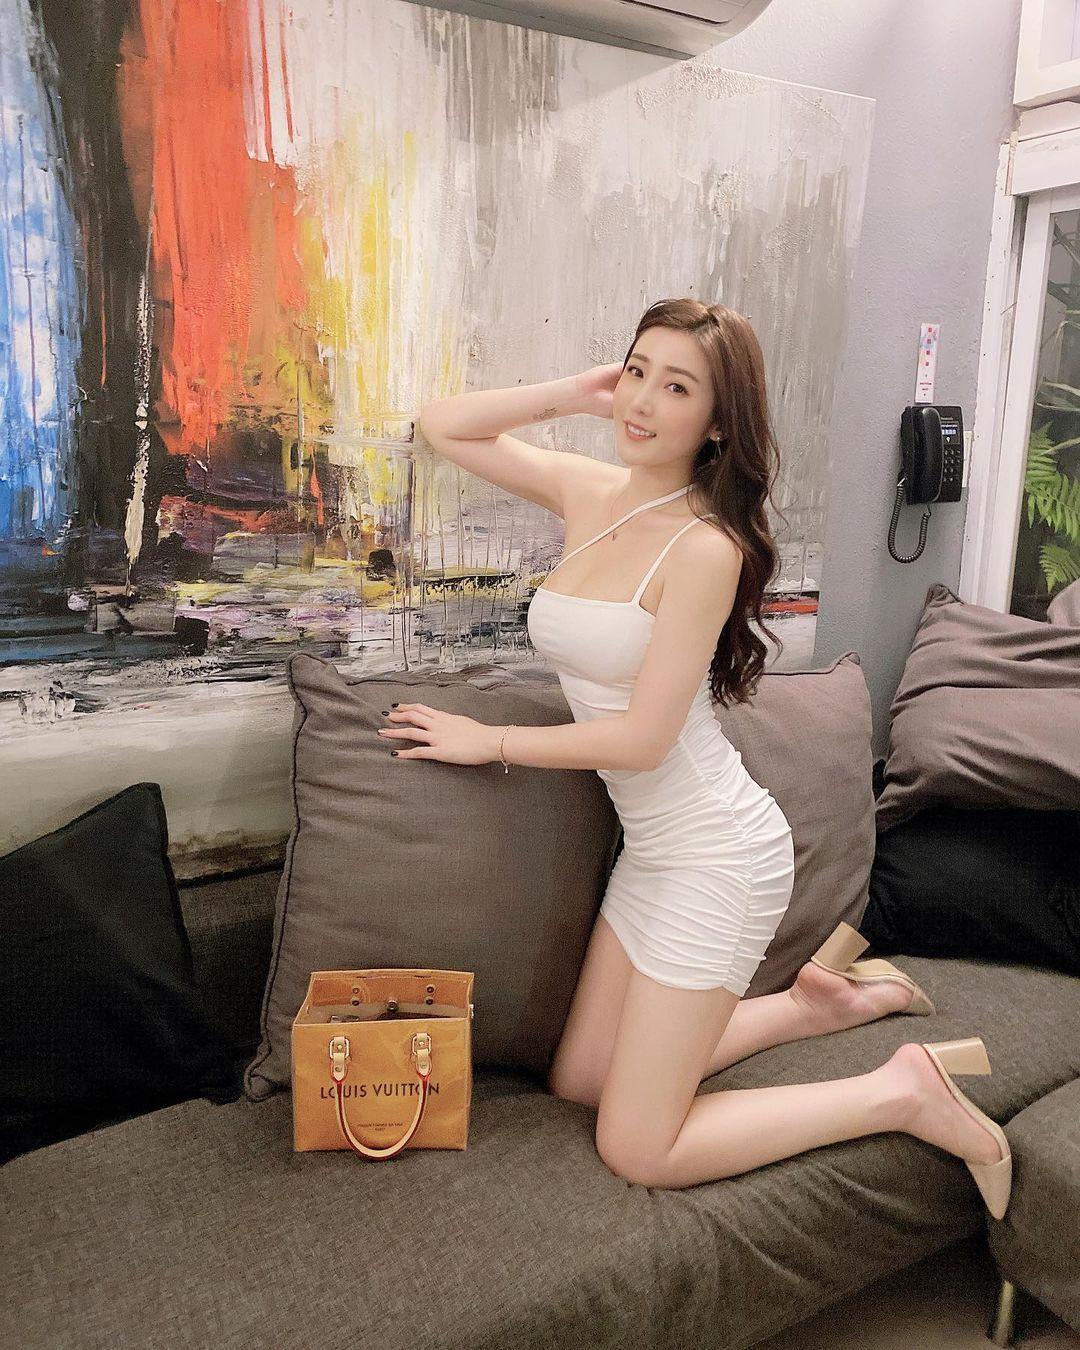 吃货美女许薇安Vivi Hsu丰满上围比拿铁还重 养眼图片 第4张